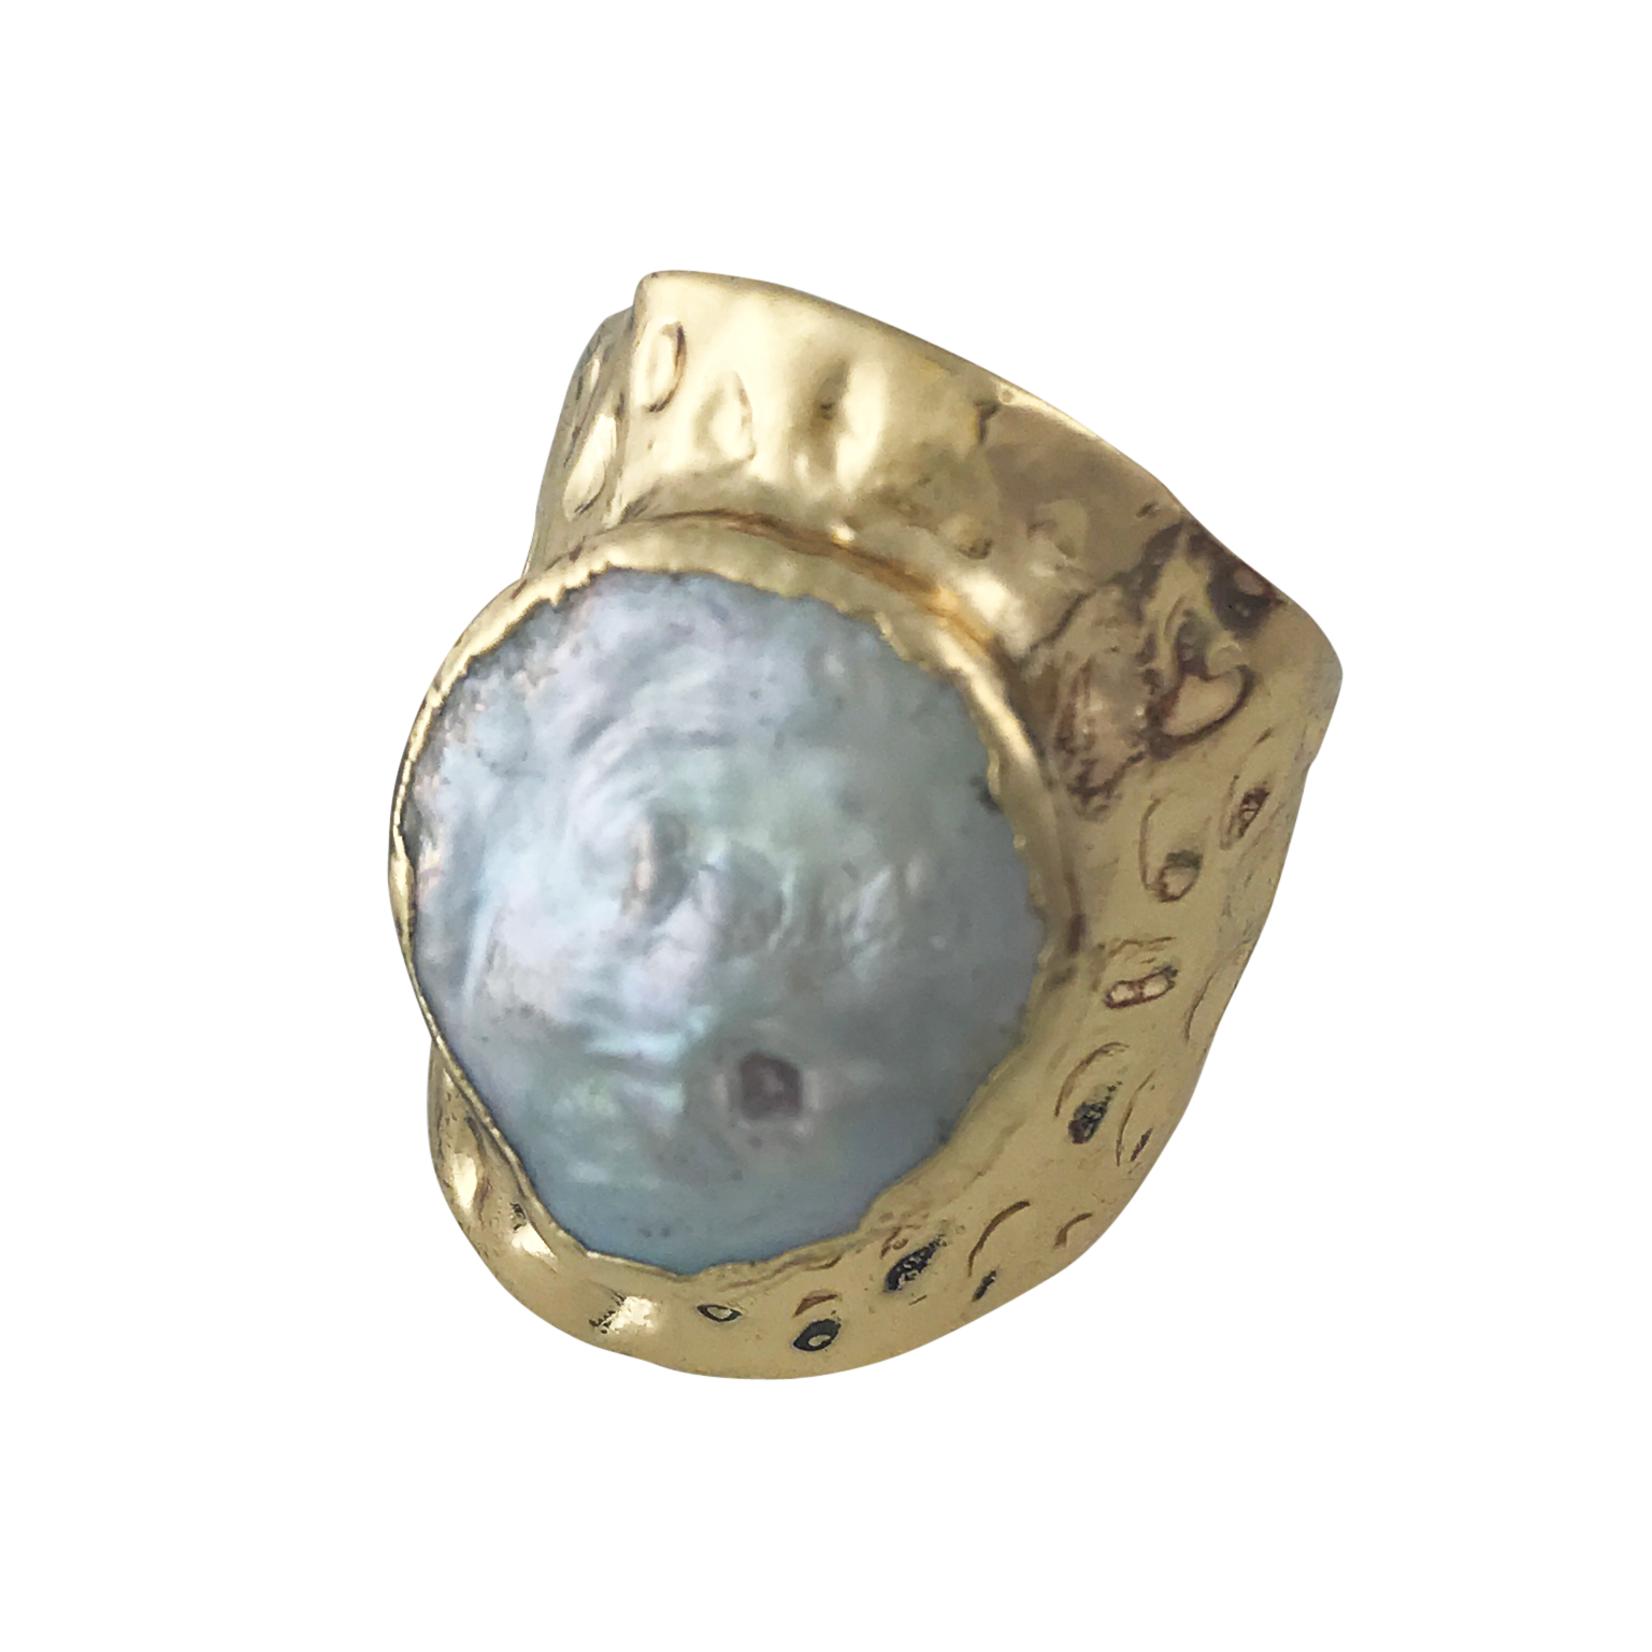 Axxes-Soir Ring verstelbaar goudkleurig met parelmoer